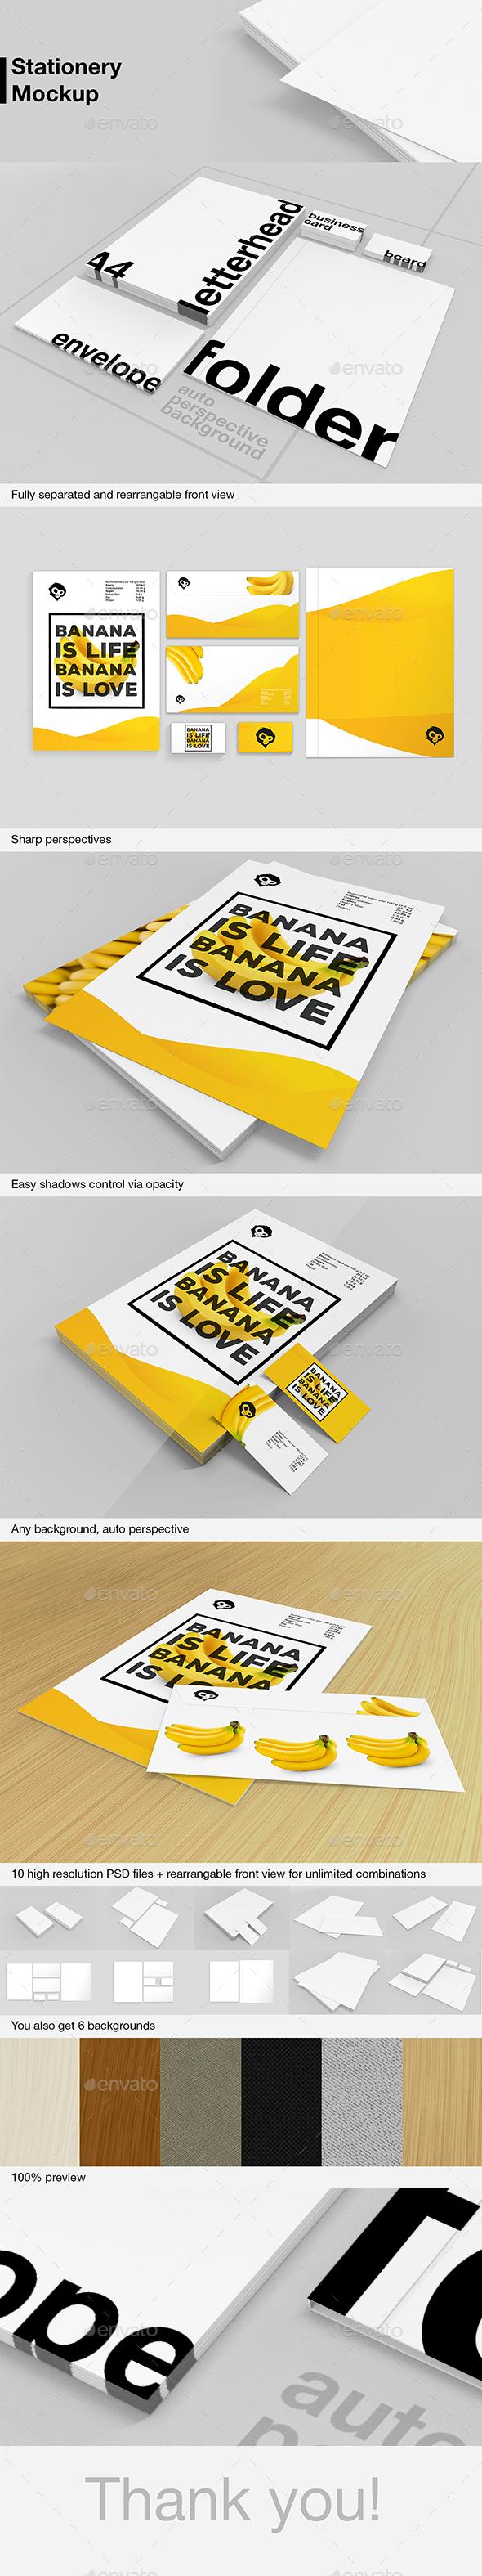 Branding Stationery Mockup - Stationery Print